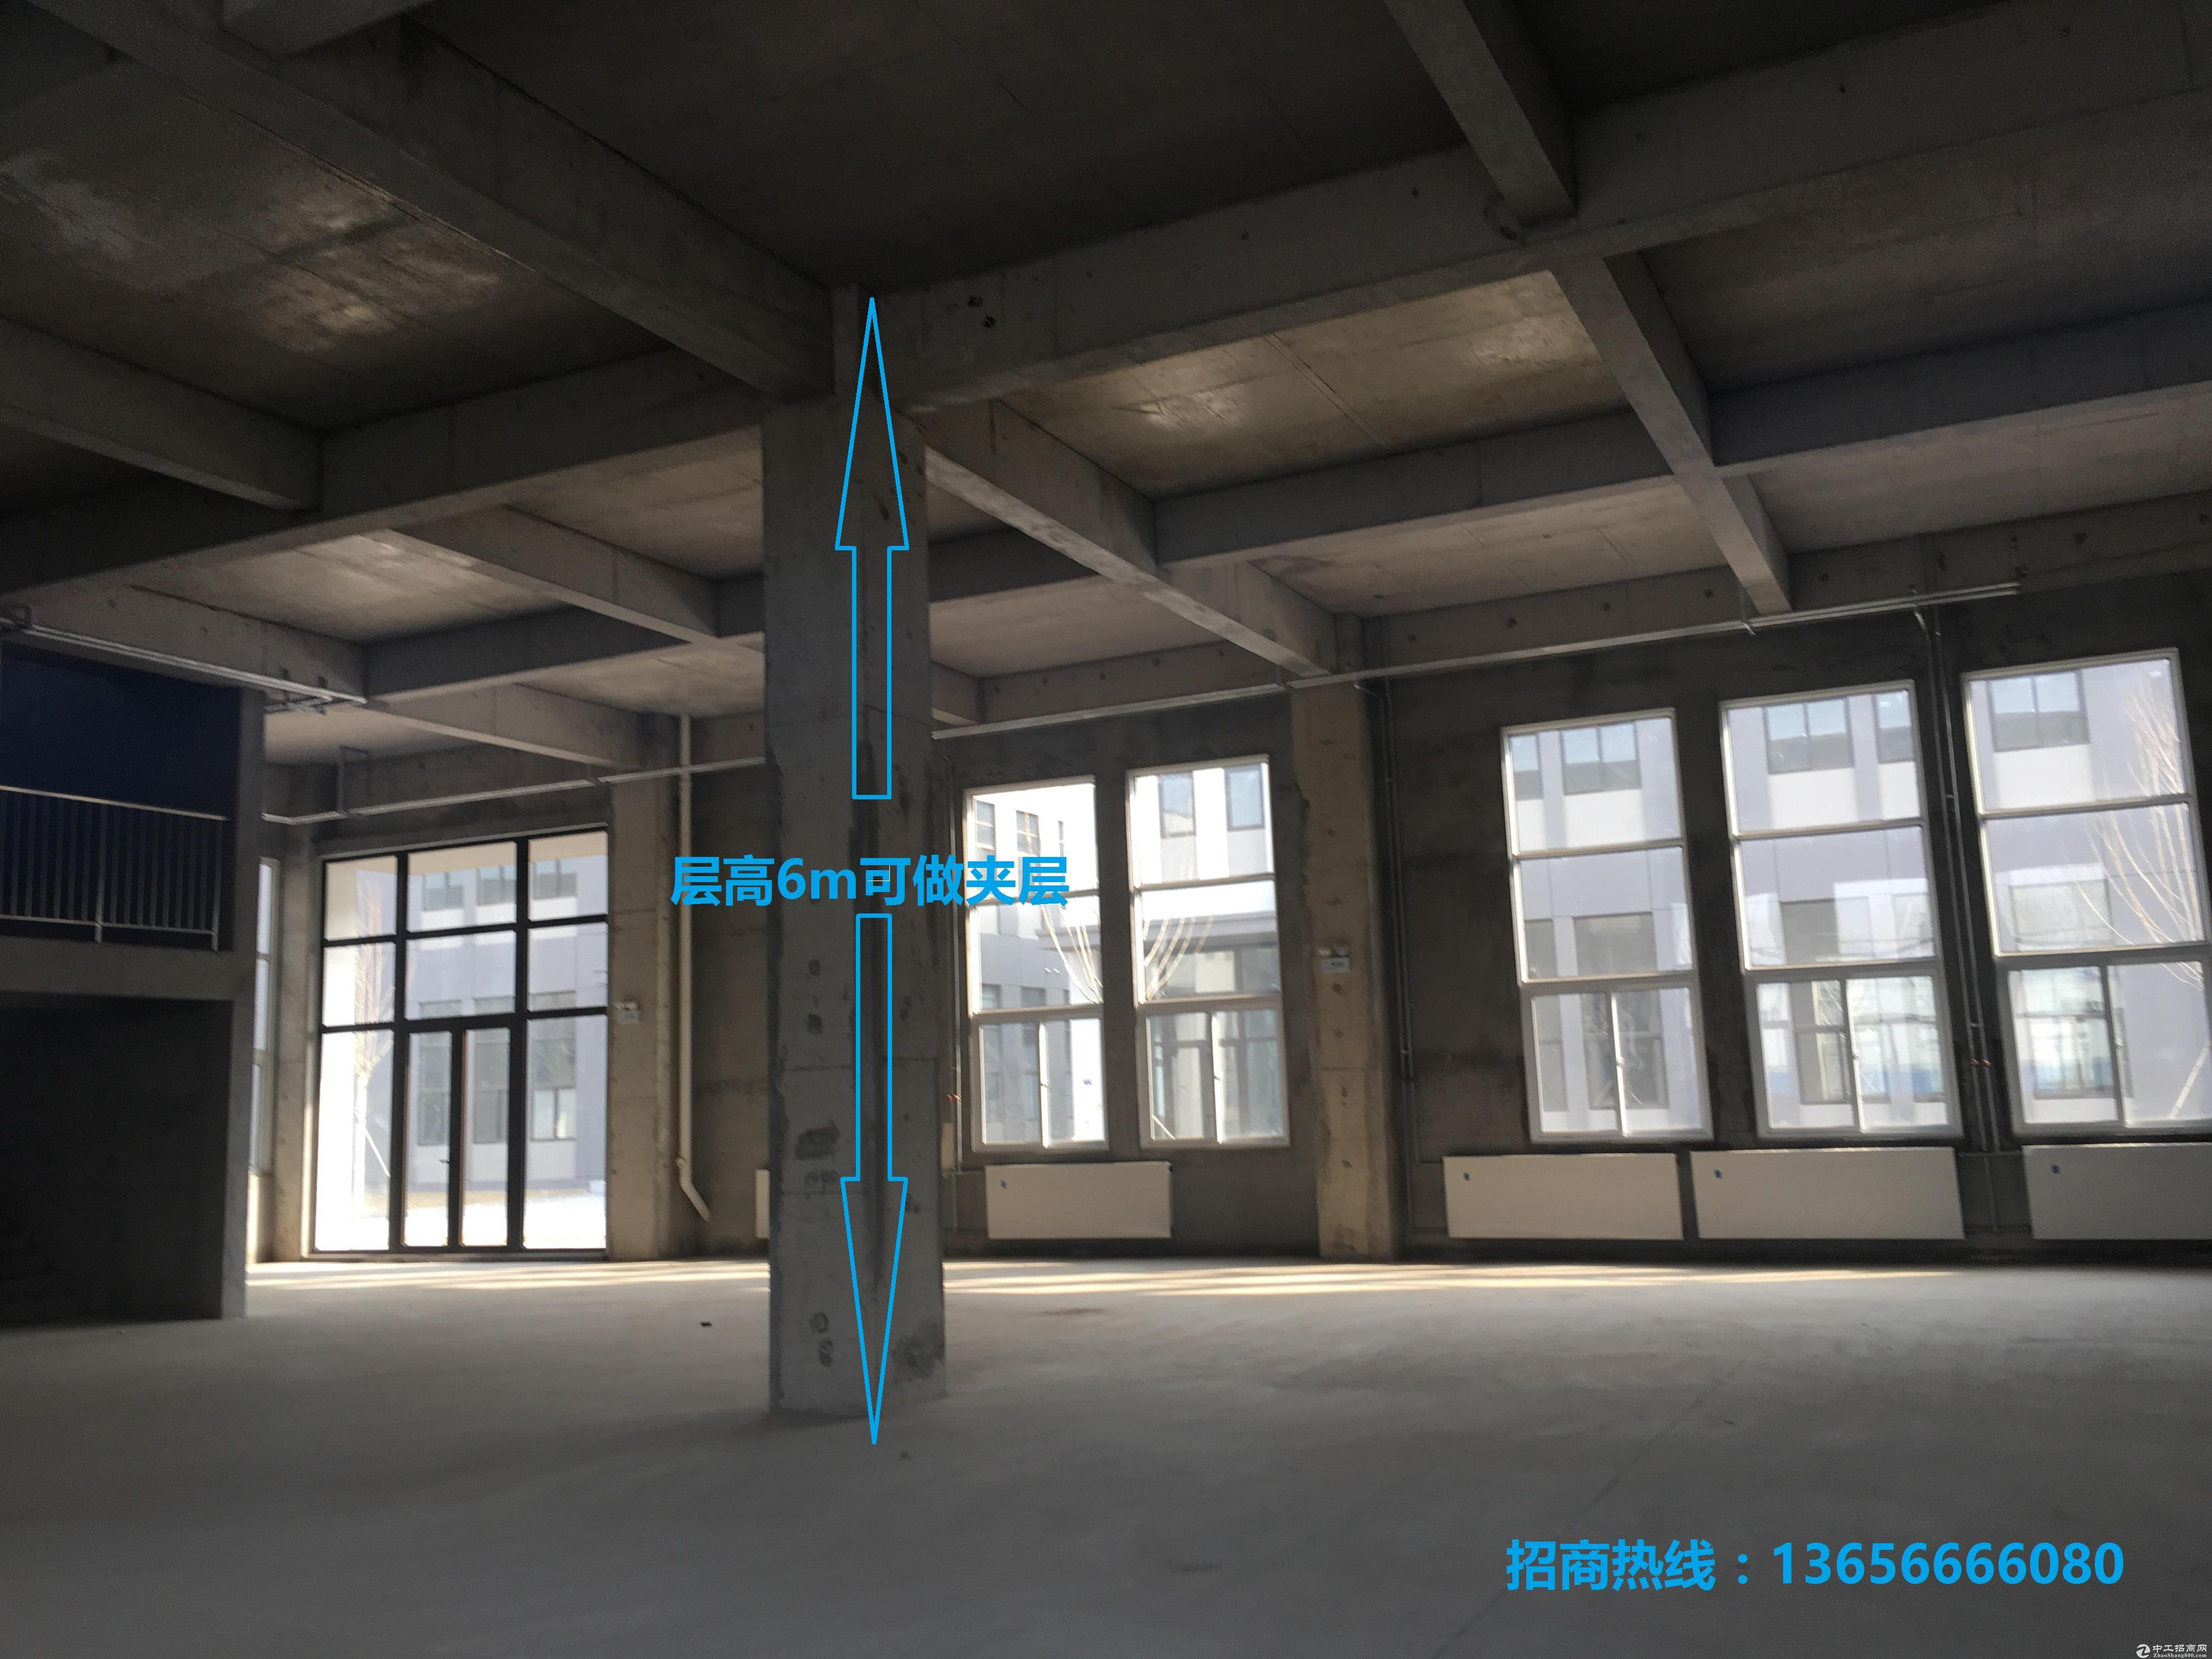 【带产证】北京外迁企业好去处,企业发展首选,有房本可贷款-图3